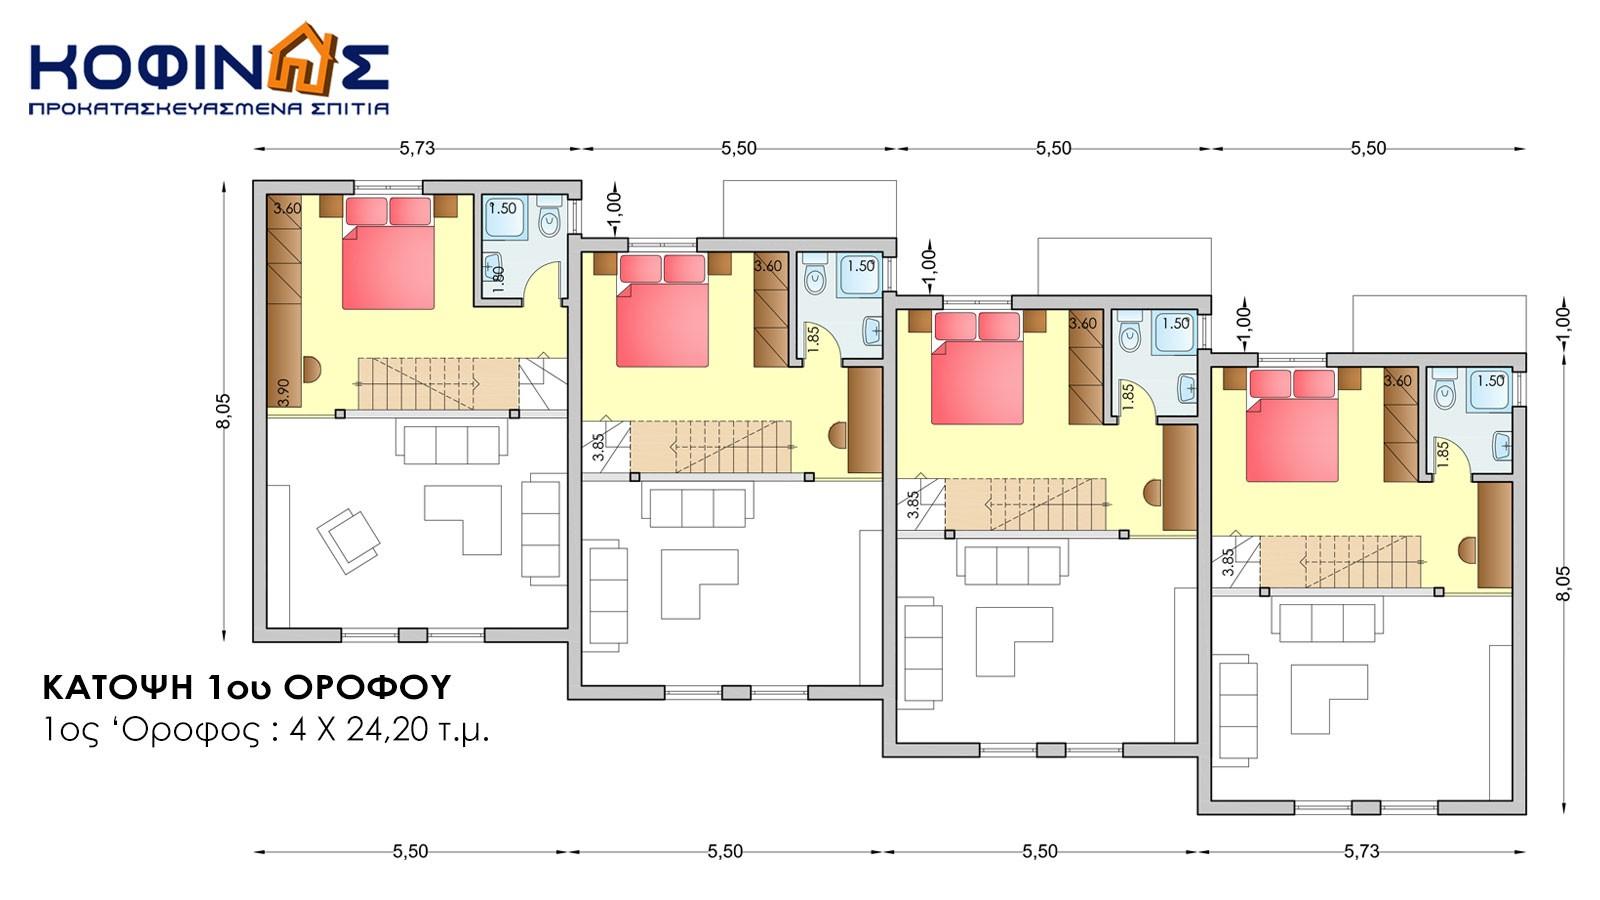 Συγκρότημα Κατοικιών E-84, συνολικής επιφάνειας 4 x 84,17 = 336,68 τ.μ.